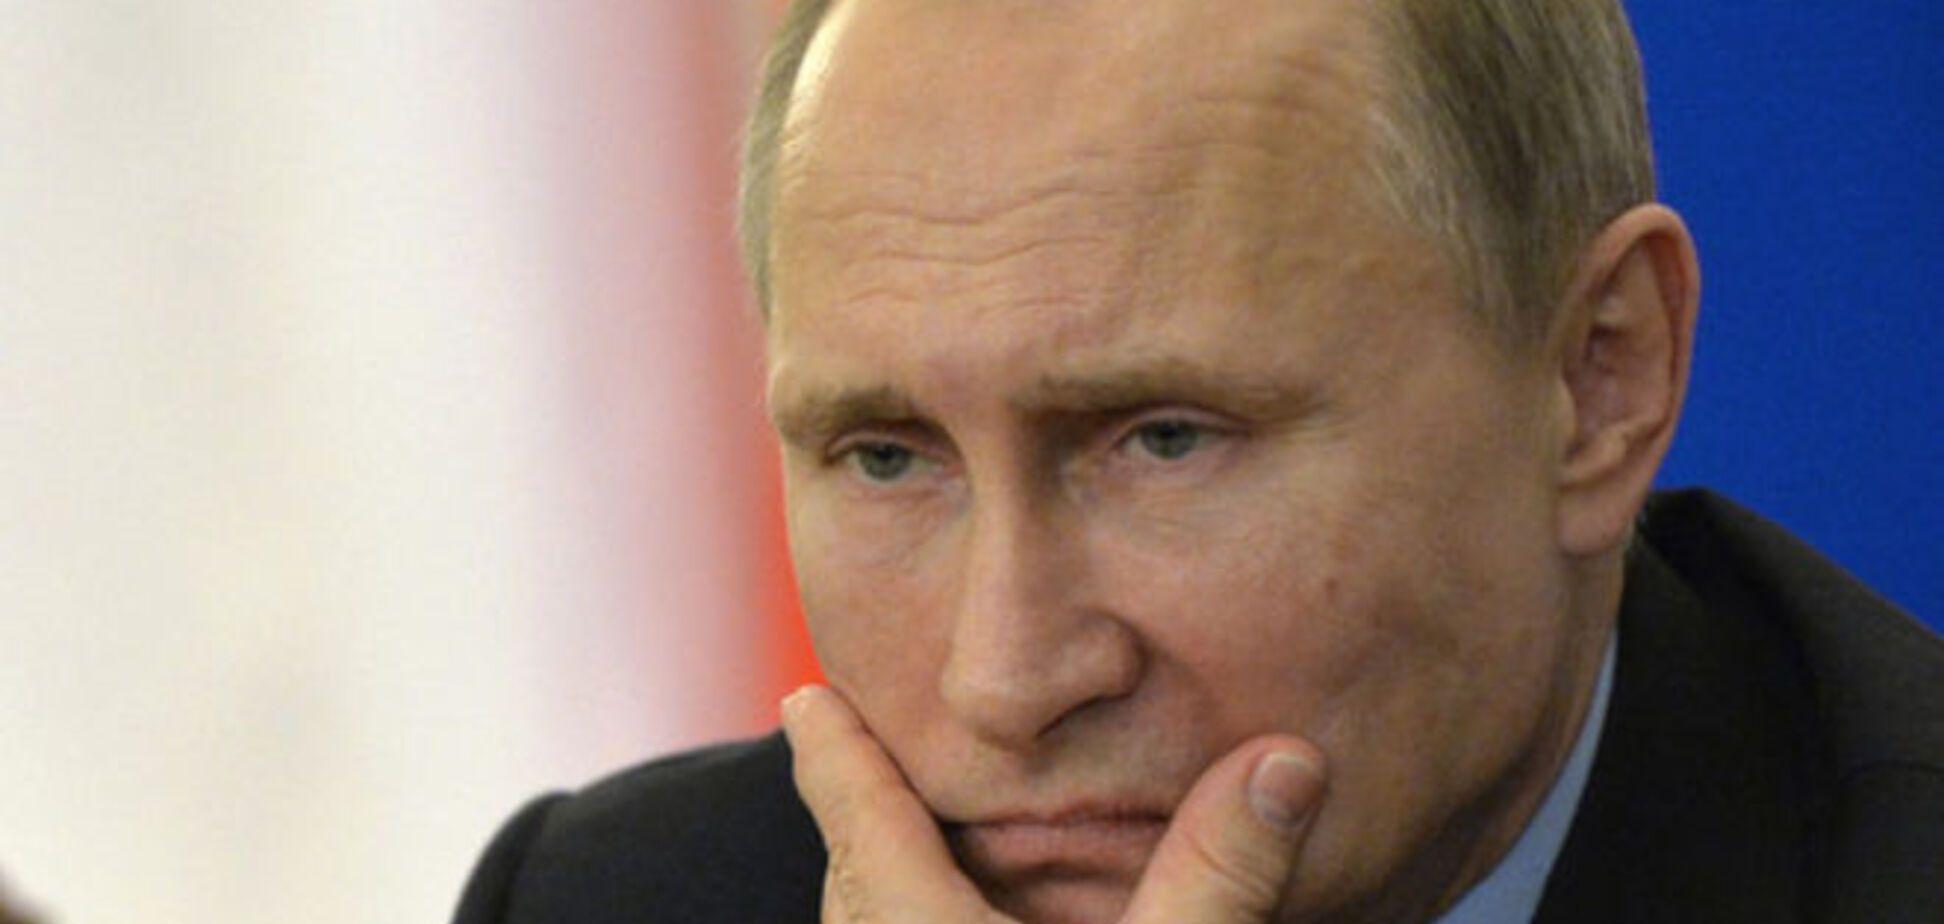 Российские СМИ разузнали о махинациях Кремля и исчезновении 'здорового Путина' с глаз публики